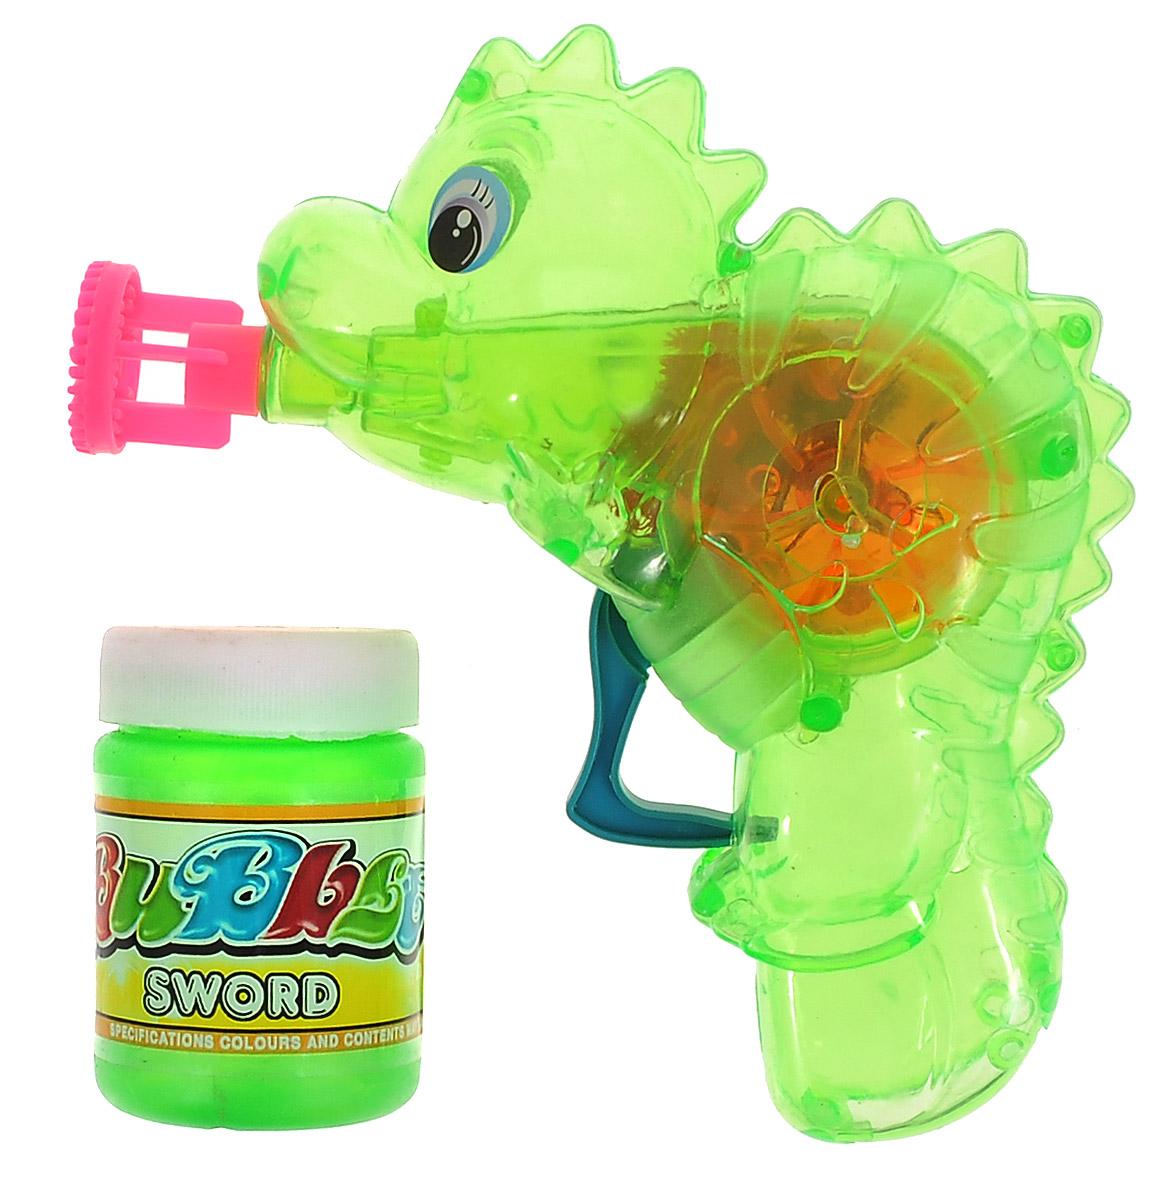 """Выдувание мыльных пузырей - это веселое развлечение для детей и взрослых. А с игрушкой Веселая затея """"Динозаврик"""" вас ждет просто гигантская очередь мыльных пузырей! Для этого налейте мыльный раствор в крышку, опустите в нее носик игрушки, поднимите в воздух и нажмите на курок. Вы увидите невероятное количество пузырей. Светящийся диск внутри! Игрушка работает с помощью инерционного механизма - батарейки не требуются. Устройте малышу настоящее мыльное шоу! В комплекте для выдувания мыльных пузырей: пластиковый пистолет, пузырек с мыльной жидкостью."""